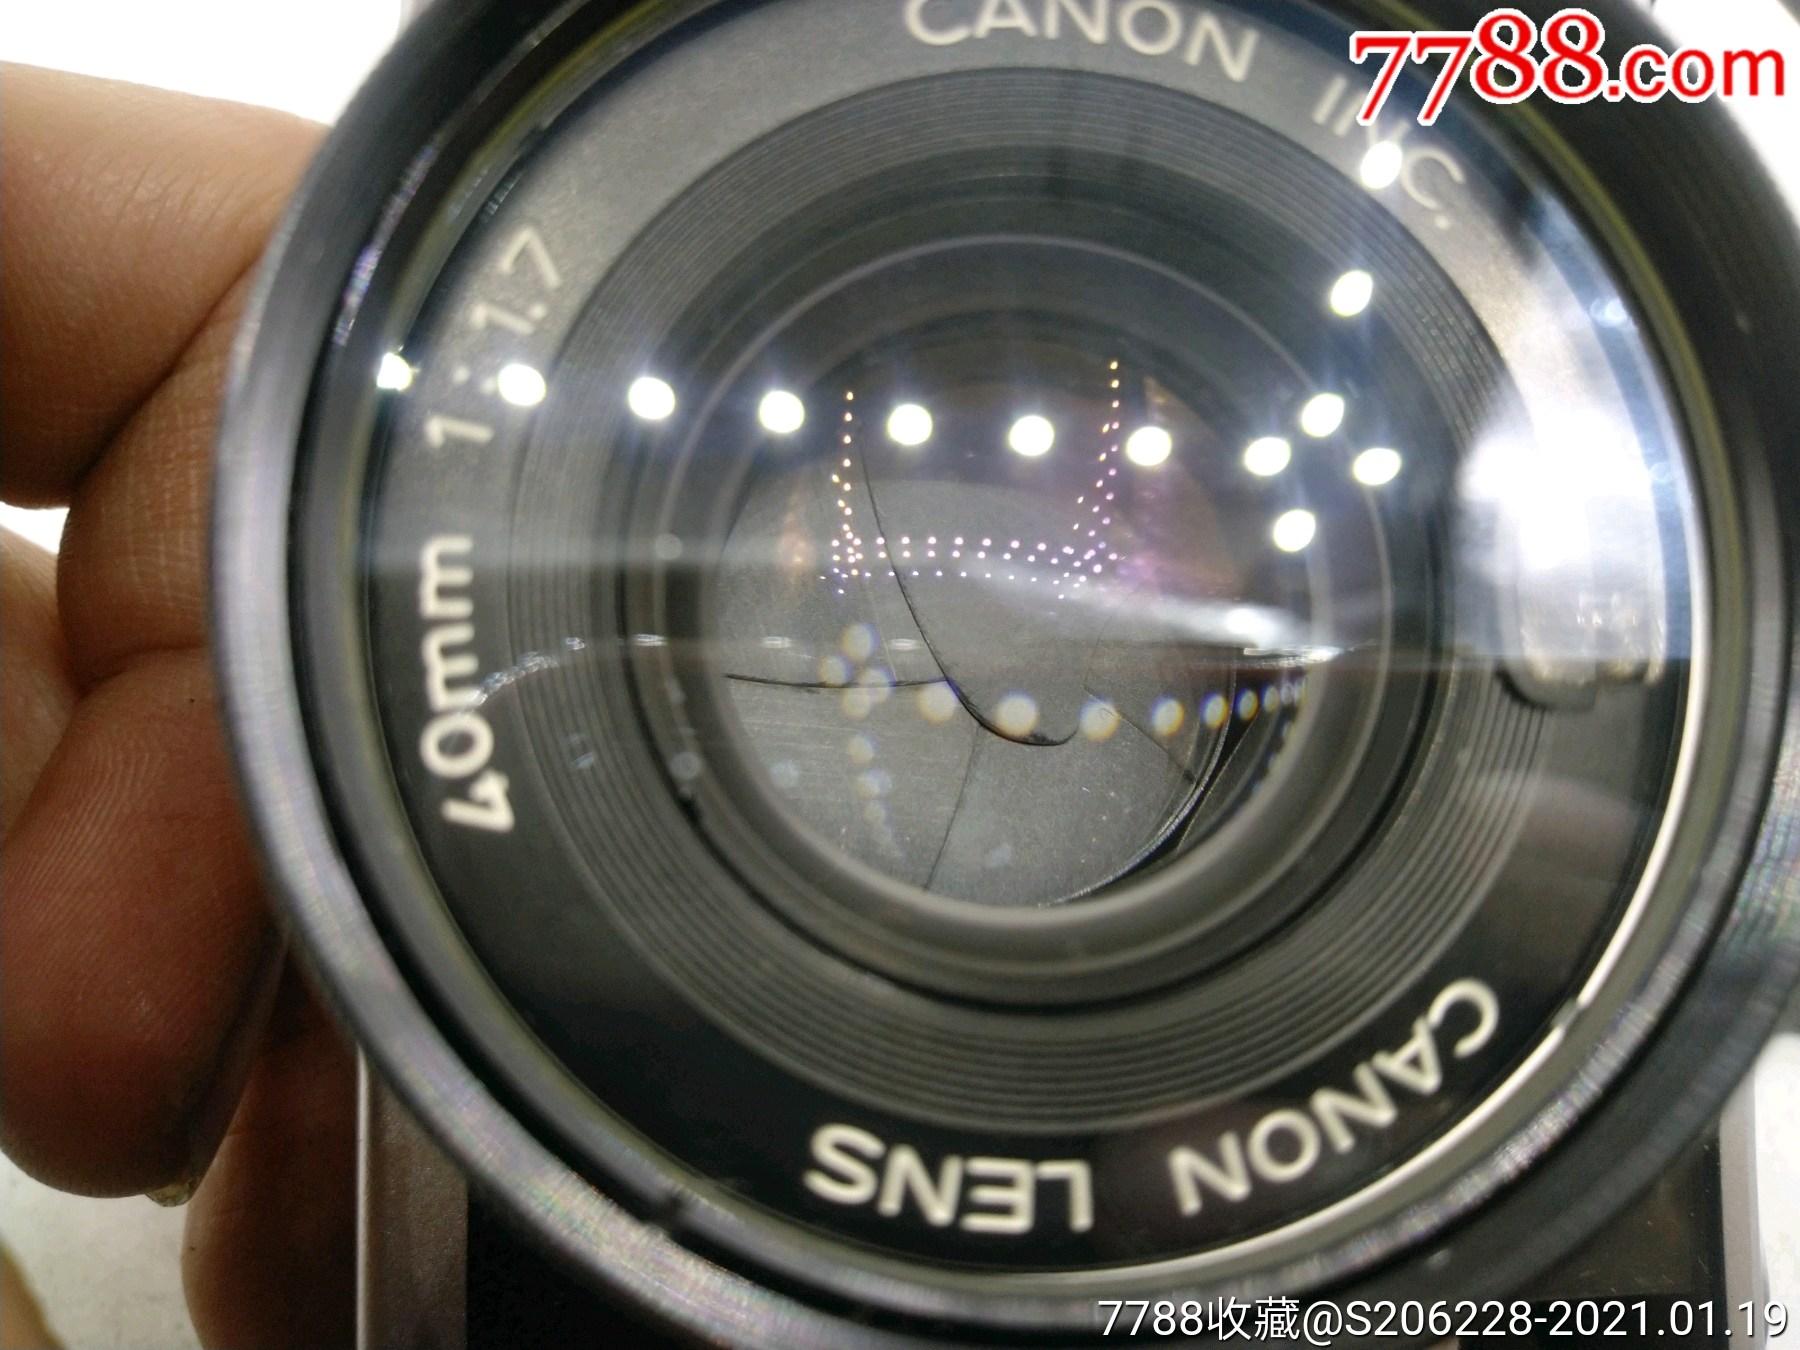 229★Canon_Canonet-QL17旁軸相機/機身編號:643049_價格260元_第12張_